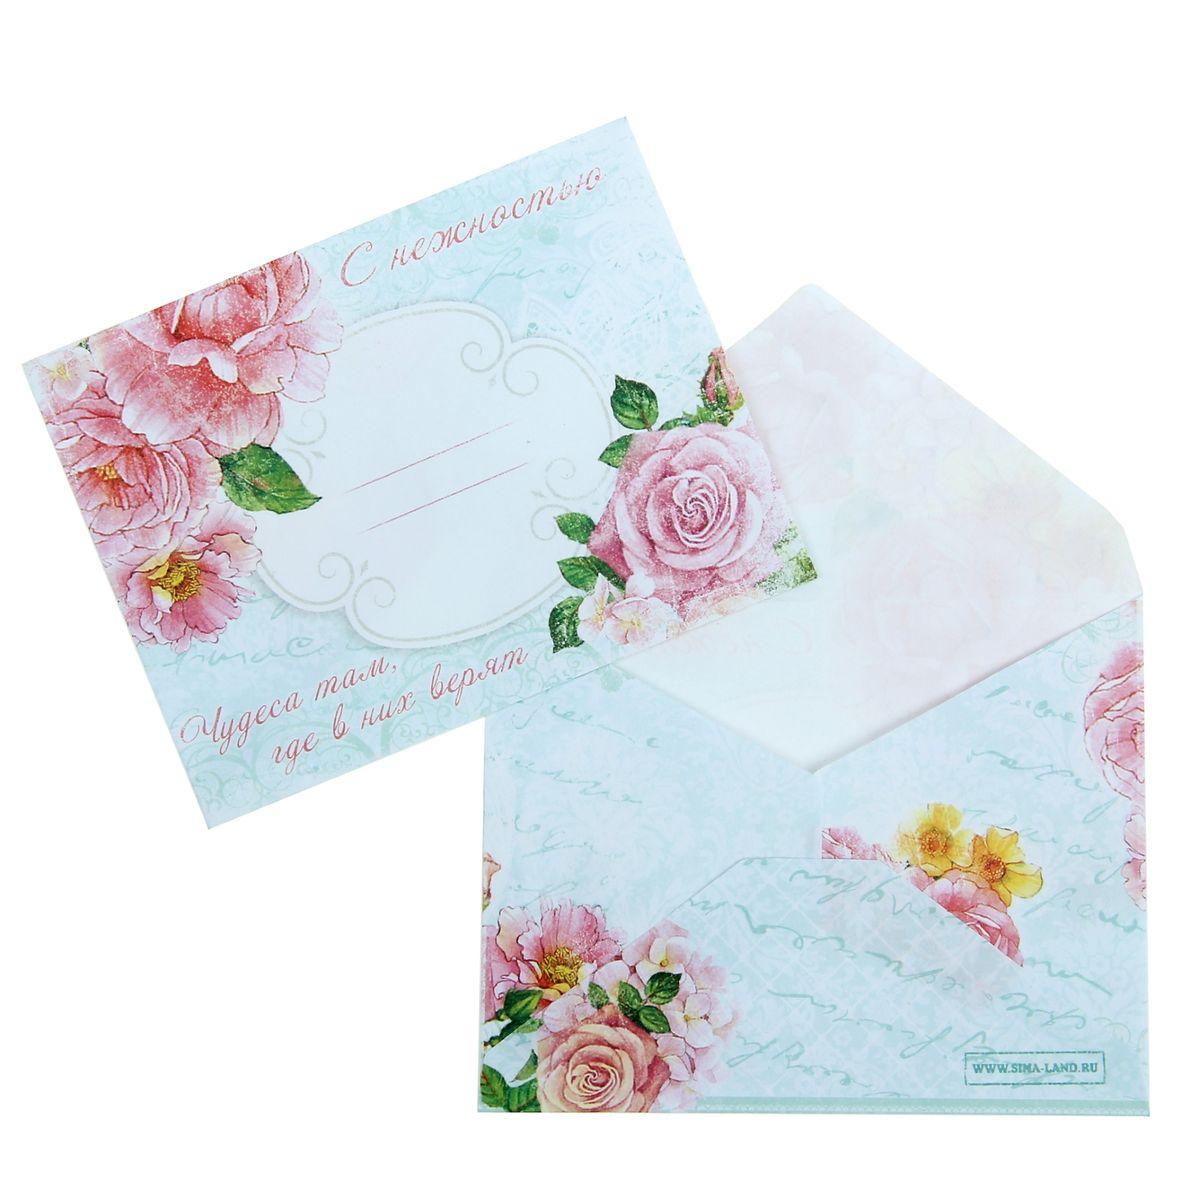 Конверт подарочный Шебби конверт подарочный следуй за мечтой